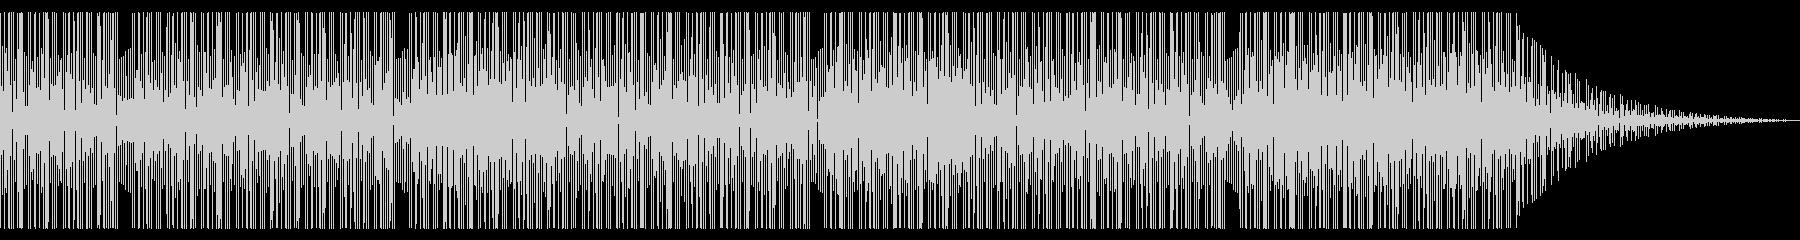 ヒップホップインスト クラッシックスの未再生の波形